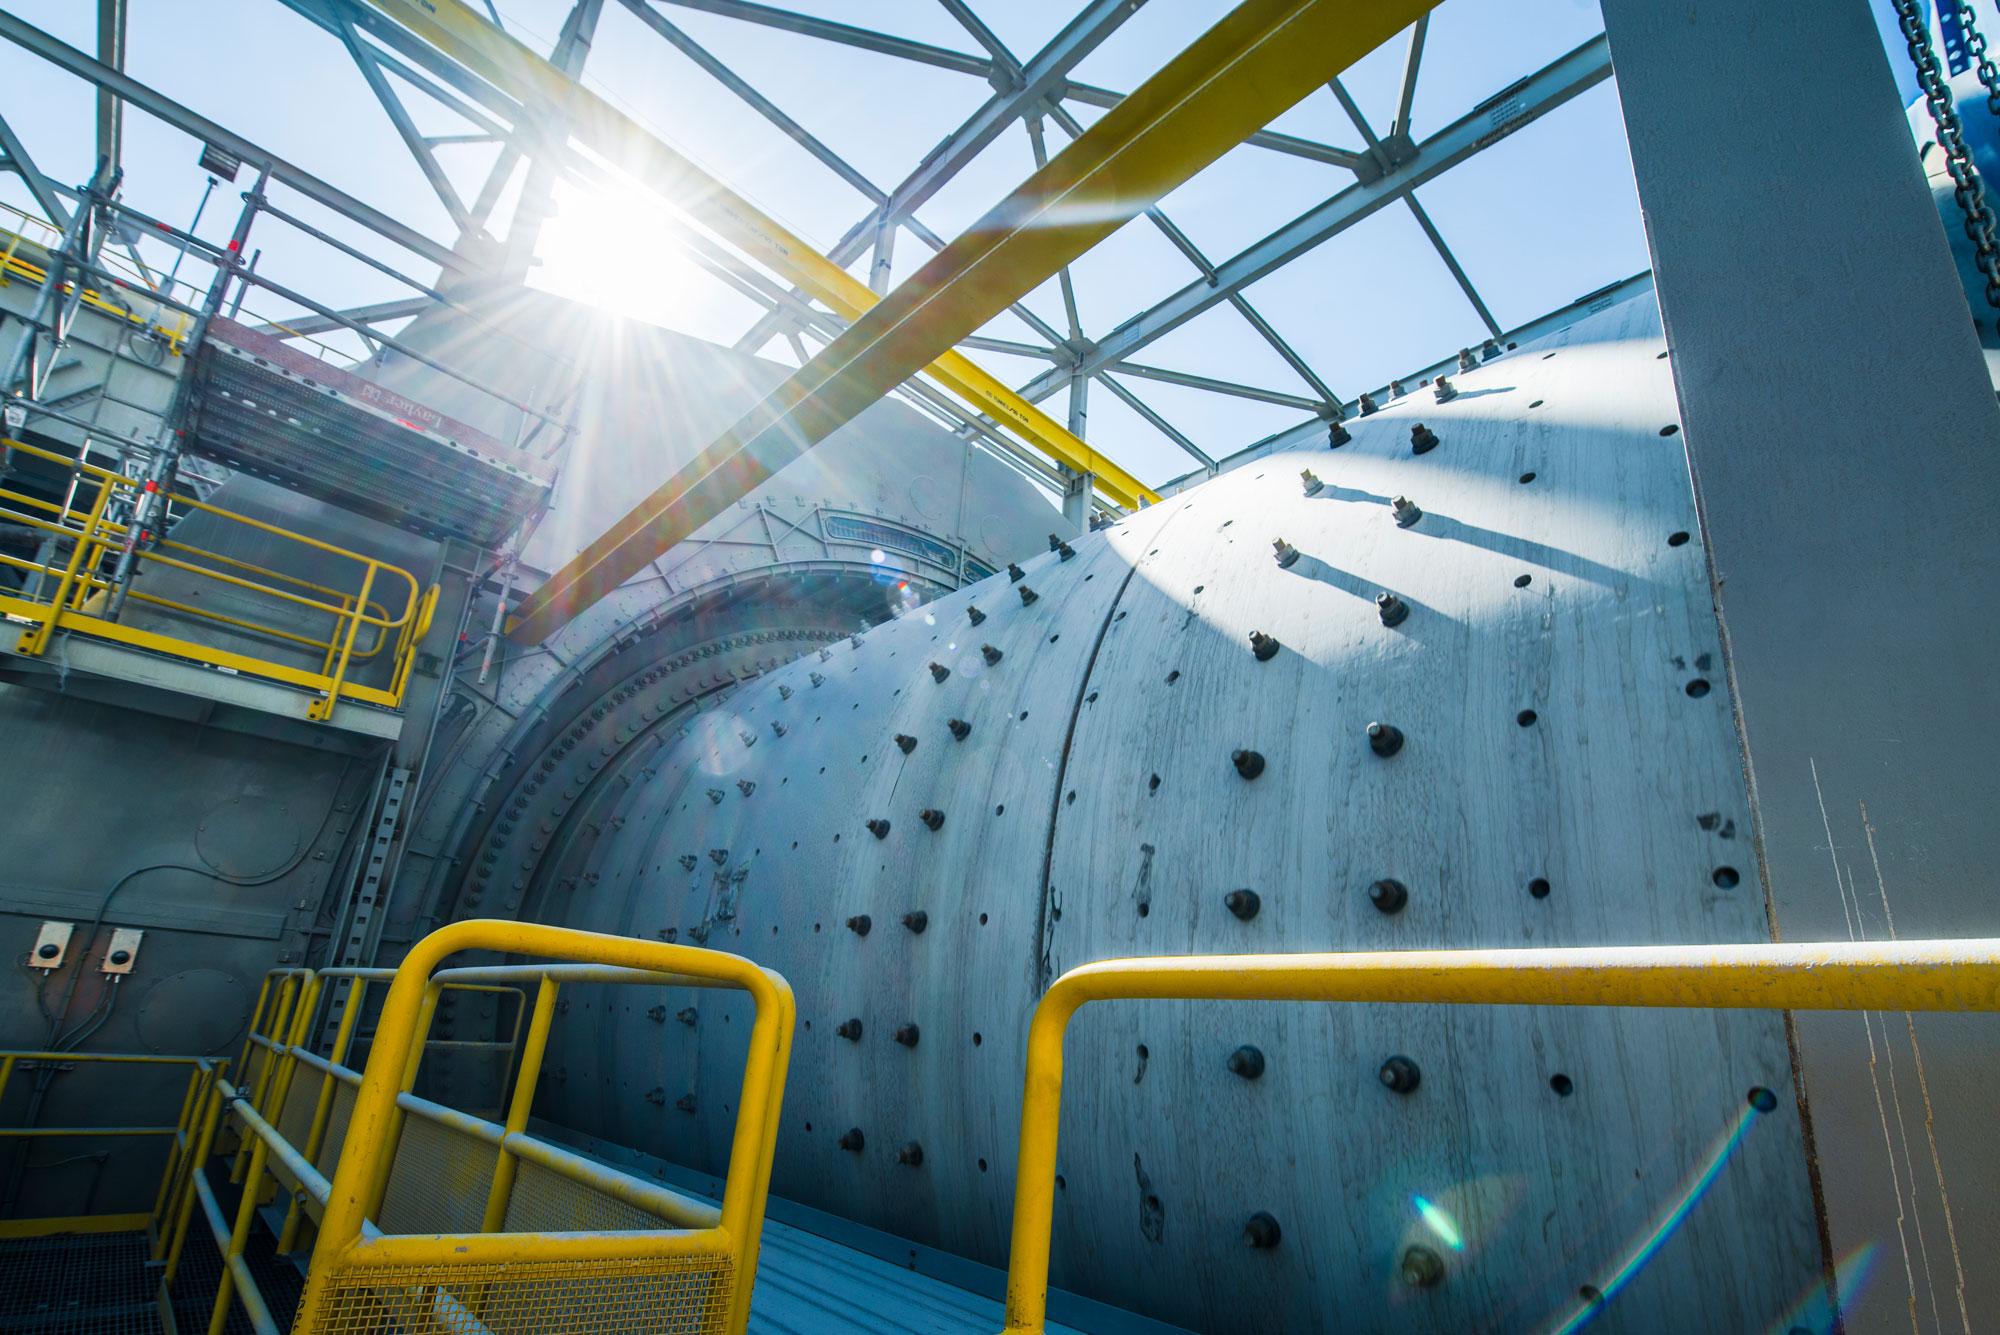 Maschinen- und Anlagenbau – hochqualitative Werkstoffe für modernste Verarbeitungstechnologien